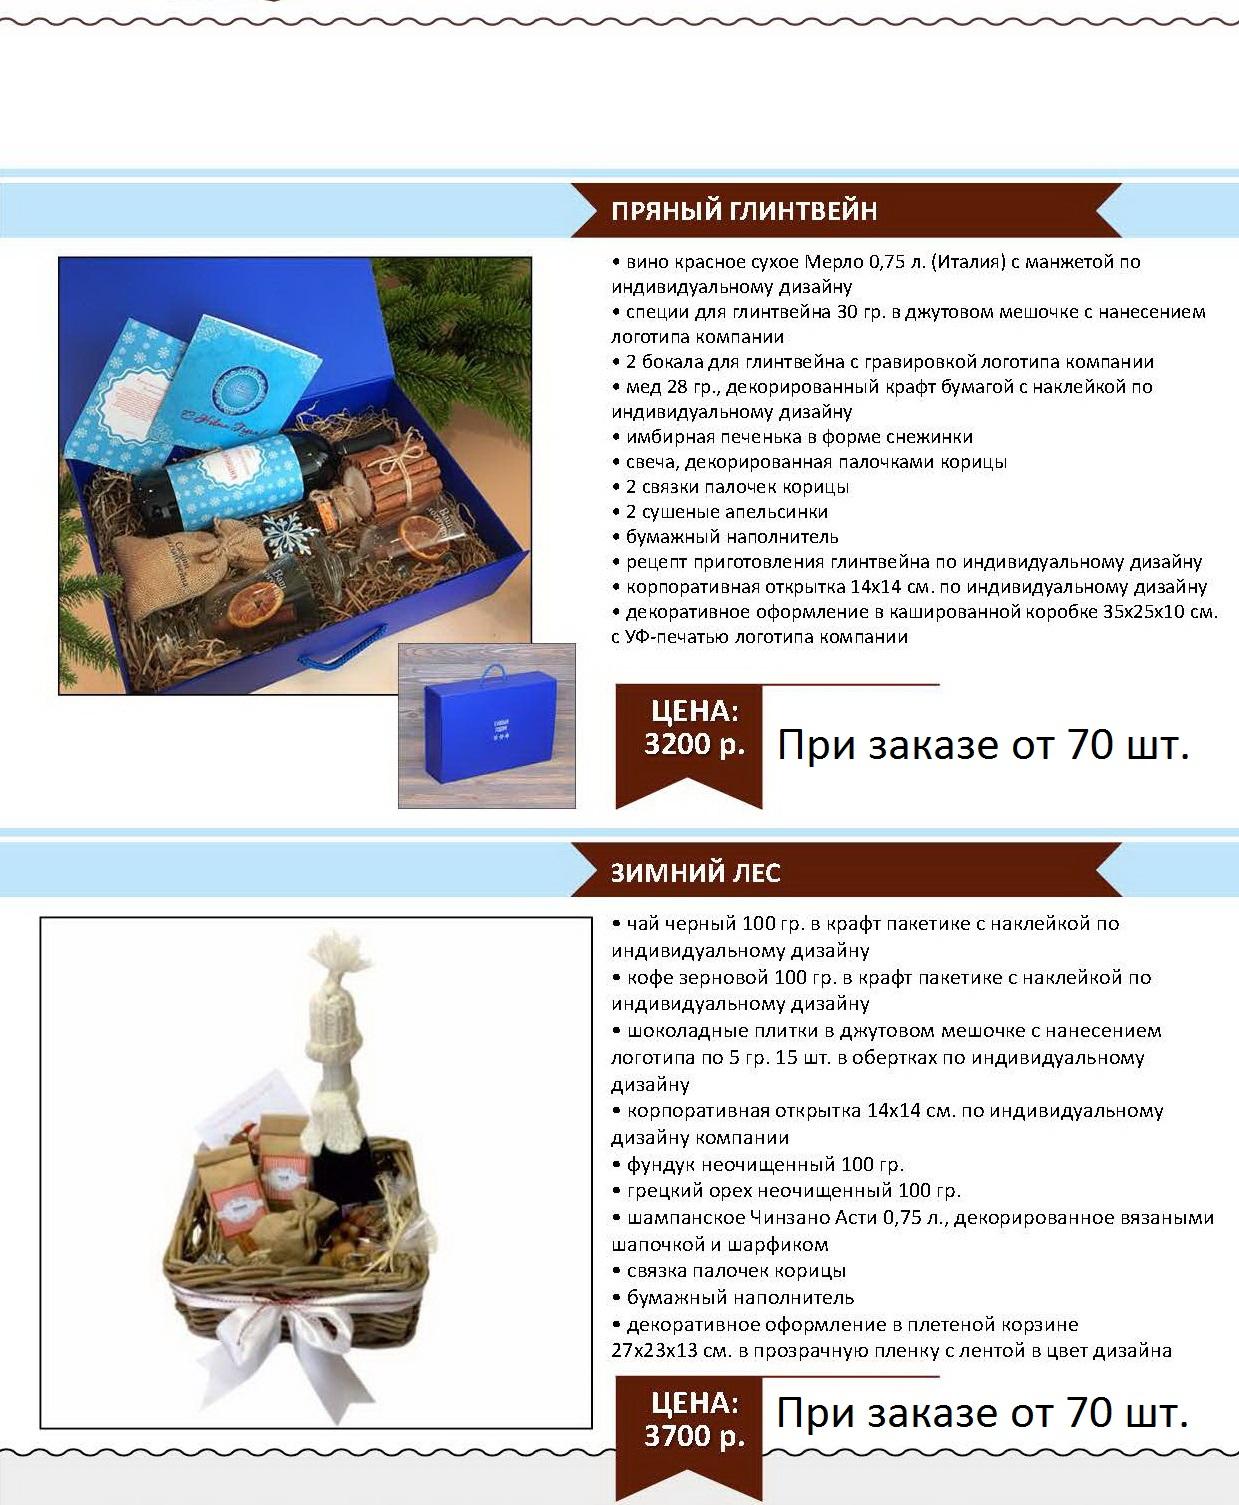 new_year_stranitsa_118